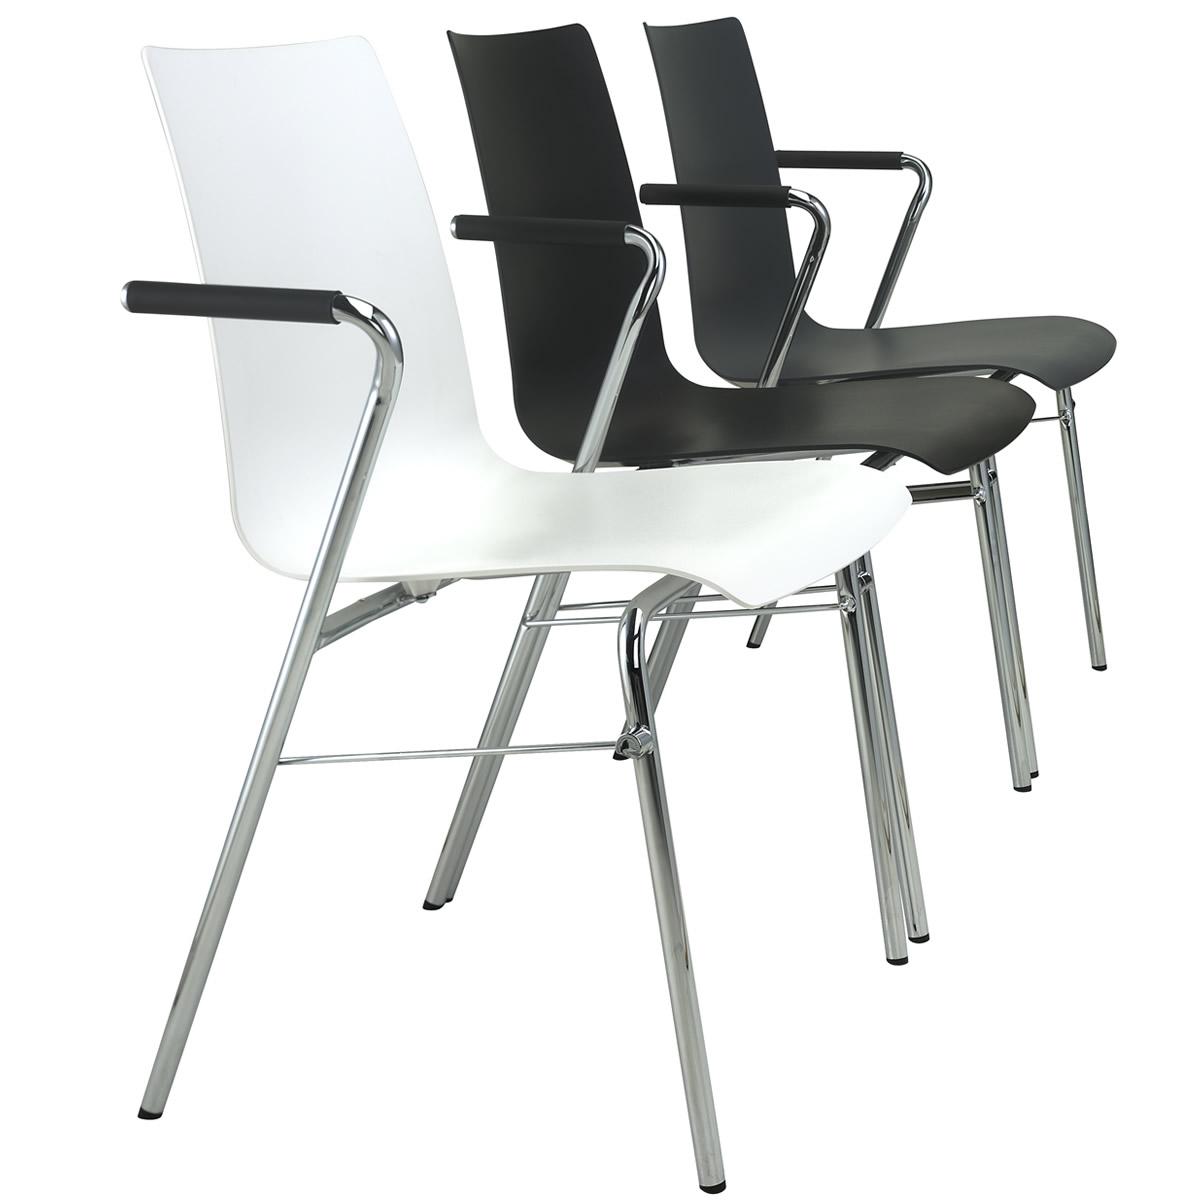 Braun st hle vela 7220 018 - Stuhlfabrik braun ...